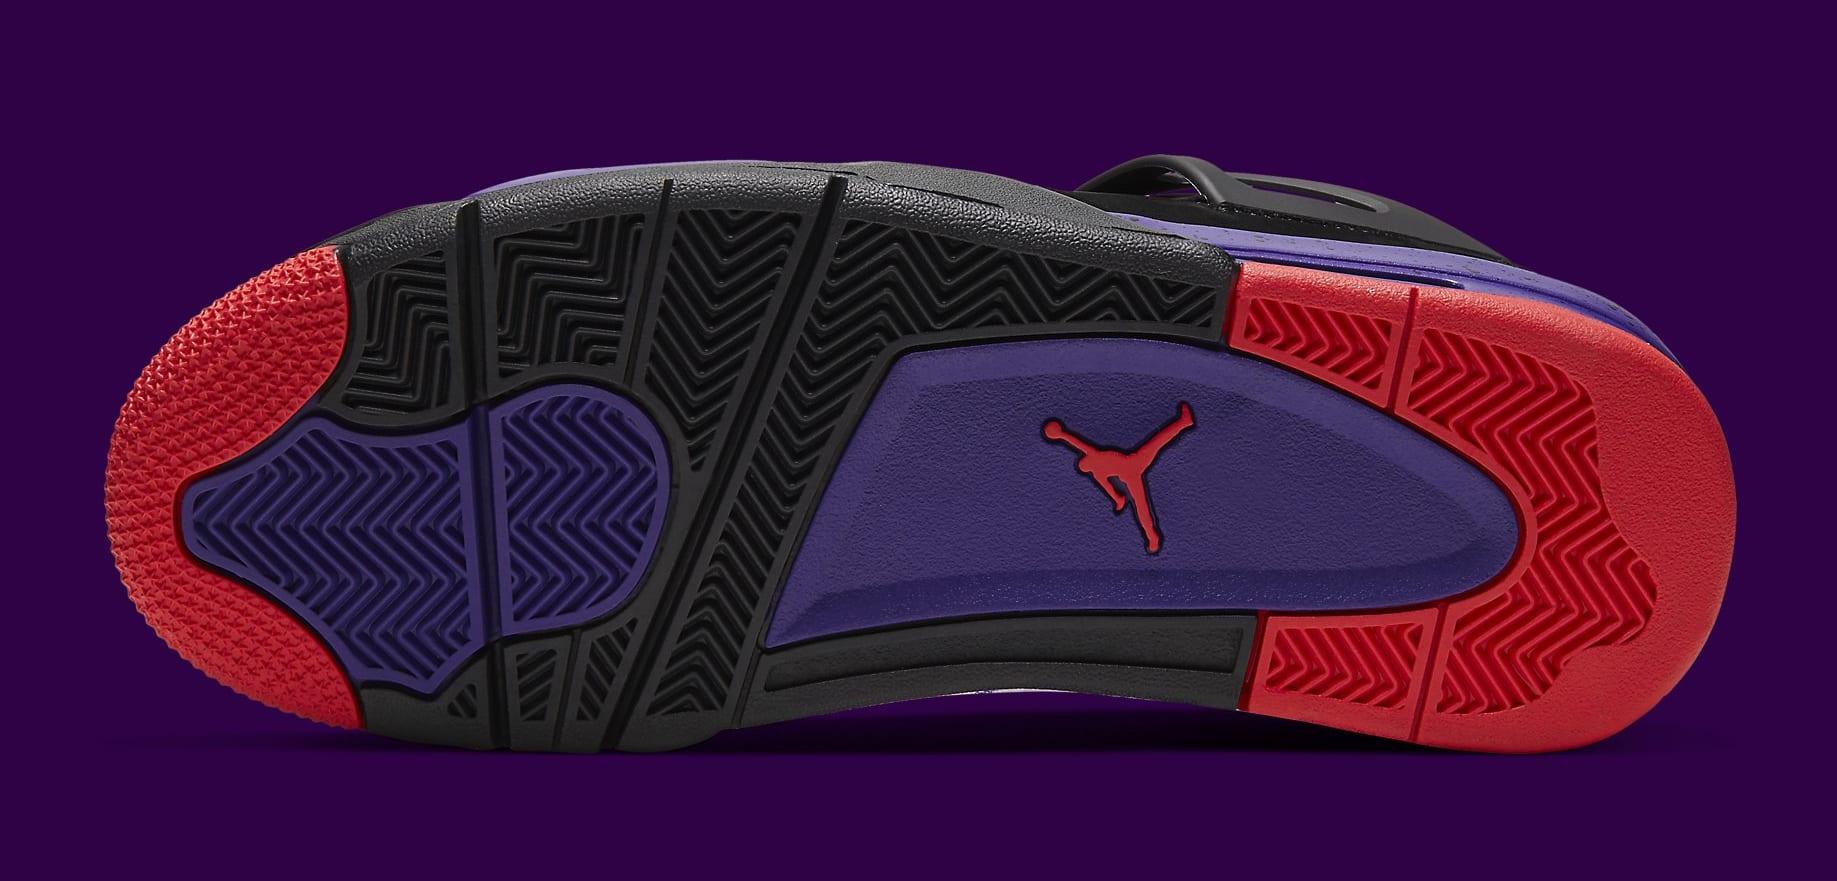 Air Jordan 4 Retro 'Raptors' AQ3816-056 Sole